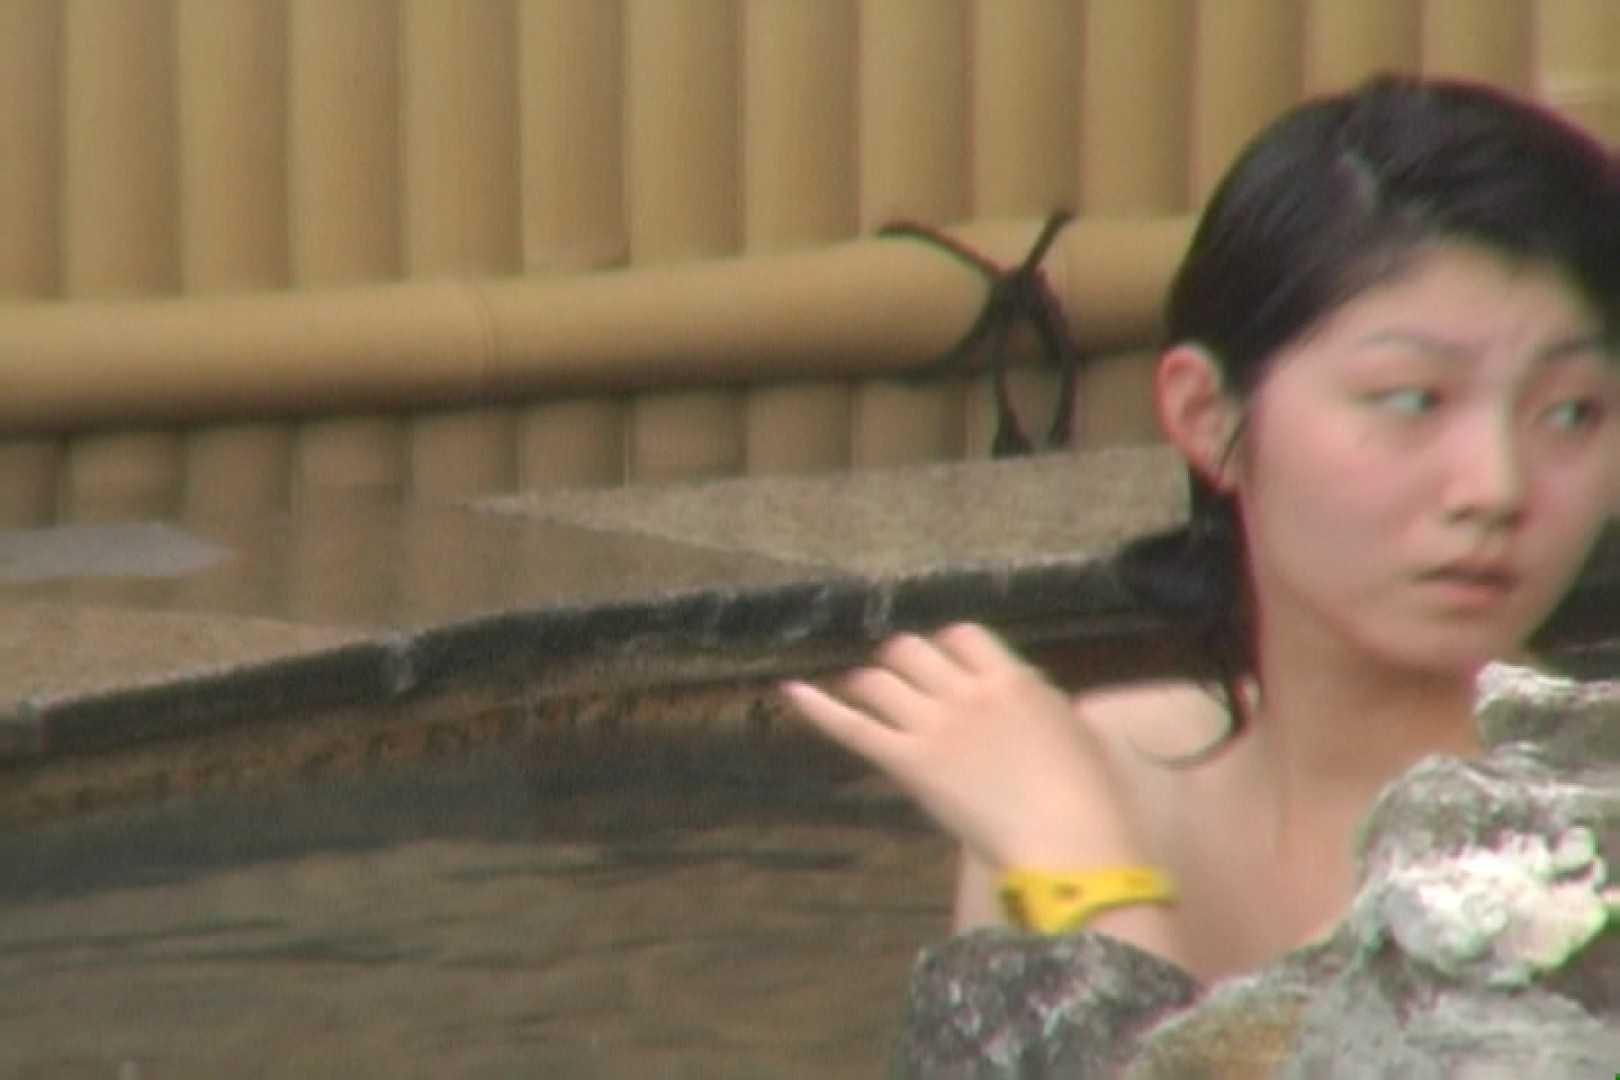 Aquaな露天風呂Vol.579 女体盗撮 隠し撮りオマンコ動画紹介 72連発 11